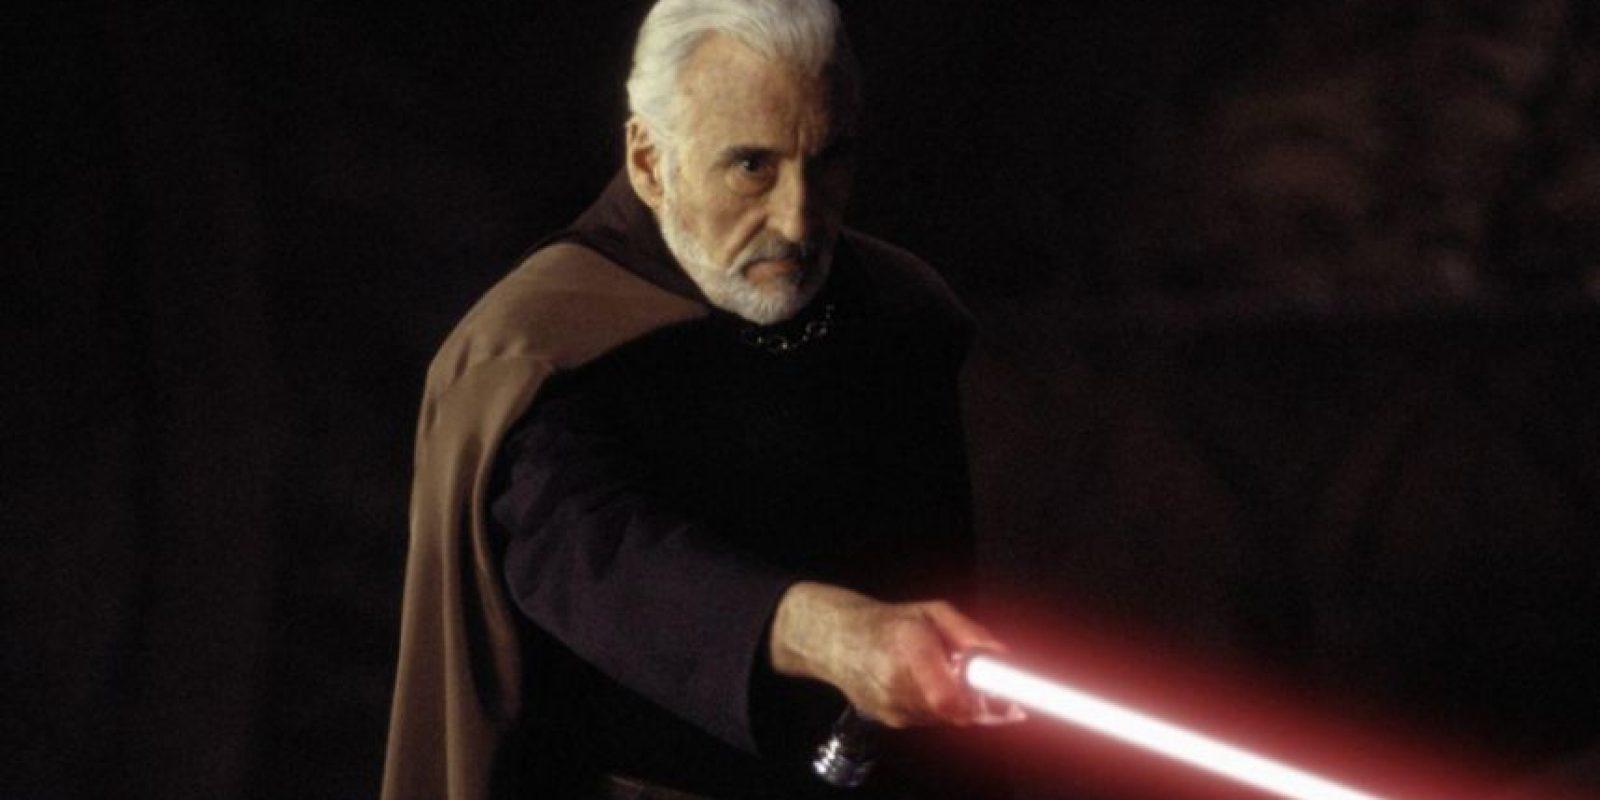 Lee murió rodeado de respeto a los 93 años. Falleció el 7 de junio de este año. Foto:vía 20th Century Fox